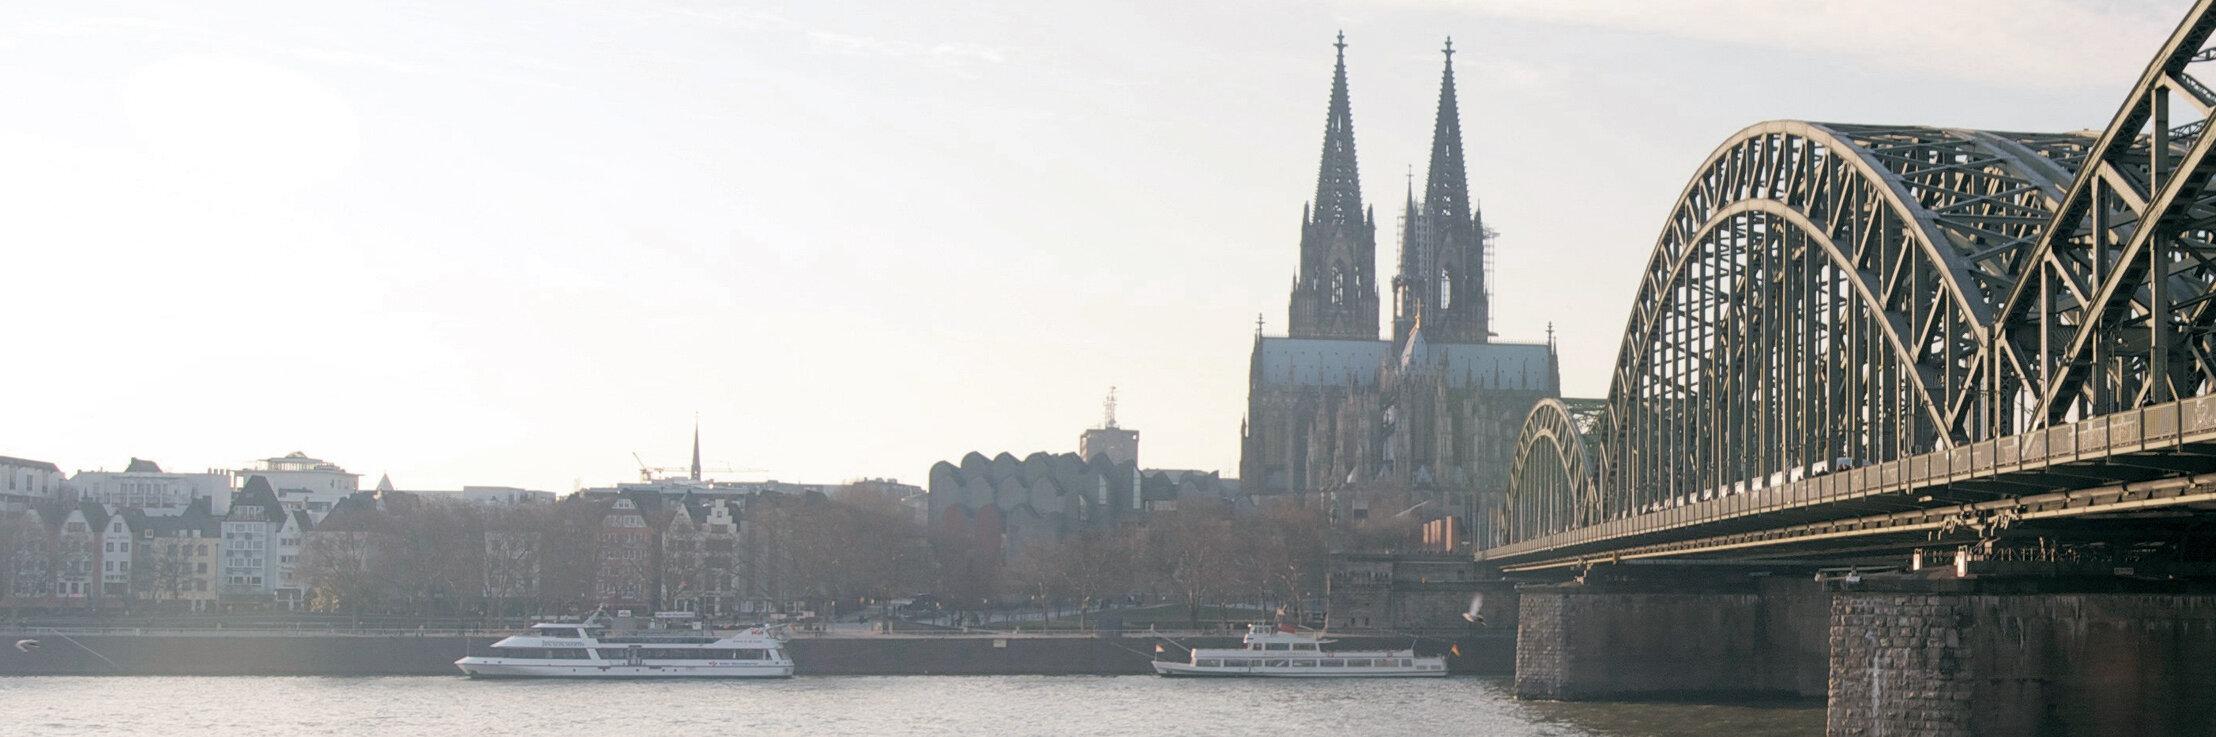 Rhein mit Hollernzollernbrücke und Kölner Dom im Hintergrund